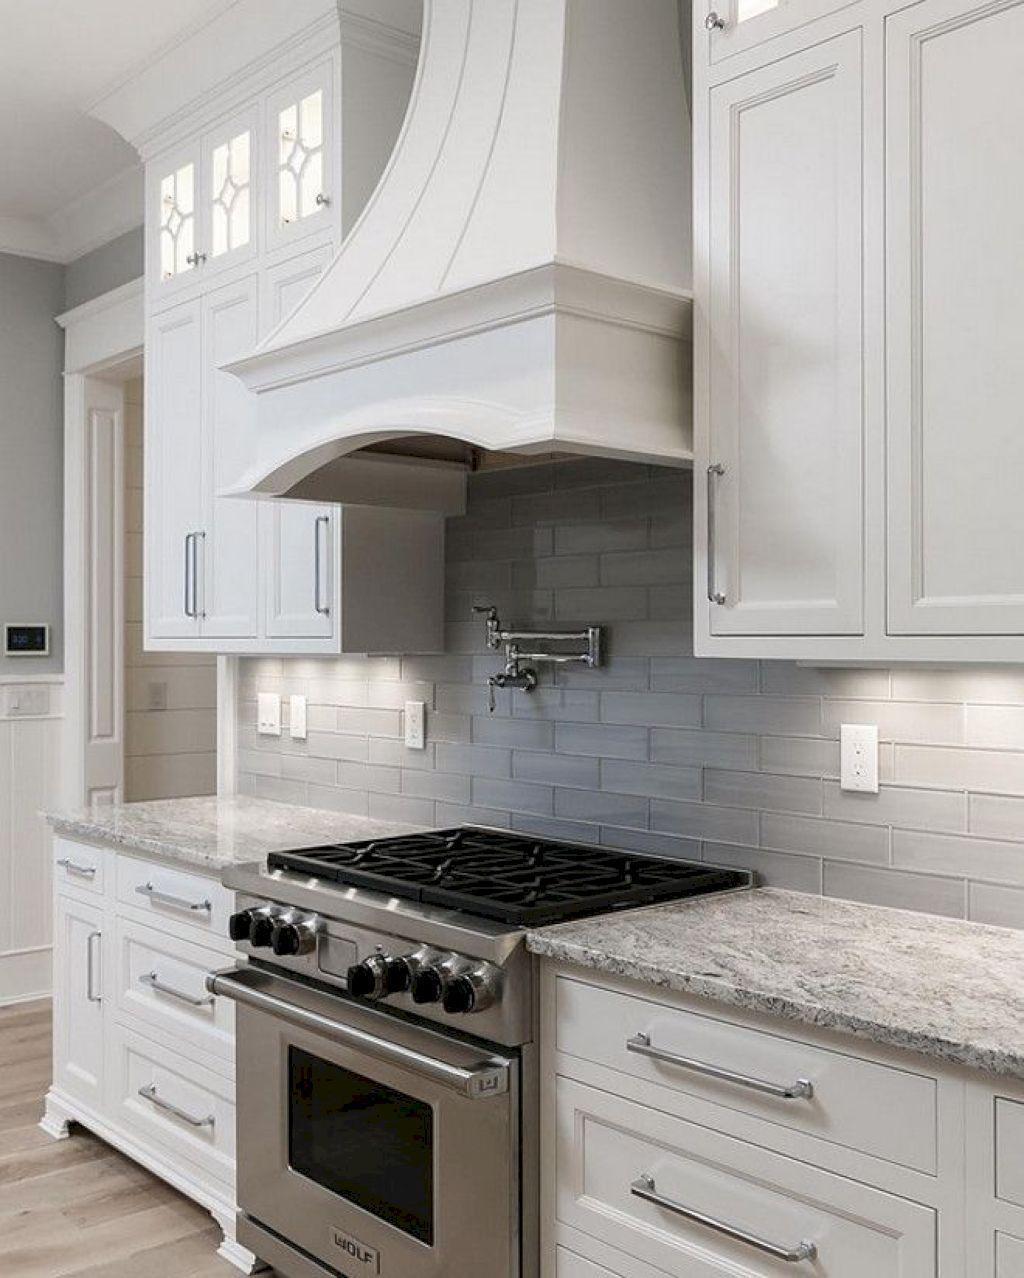 28 Luxury White Kitchen Cabinets Design Ideas #kitchencabinetideas ...